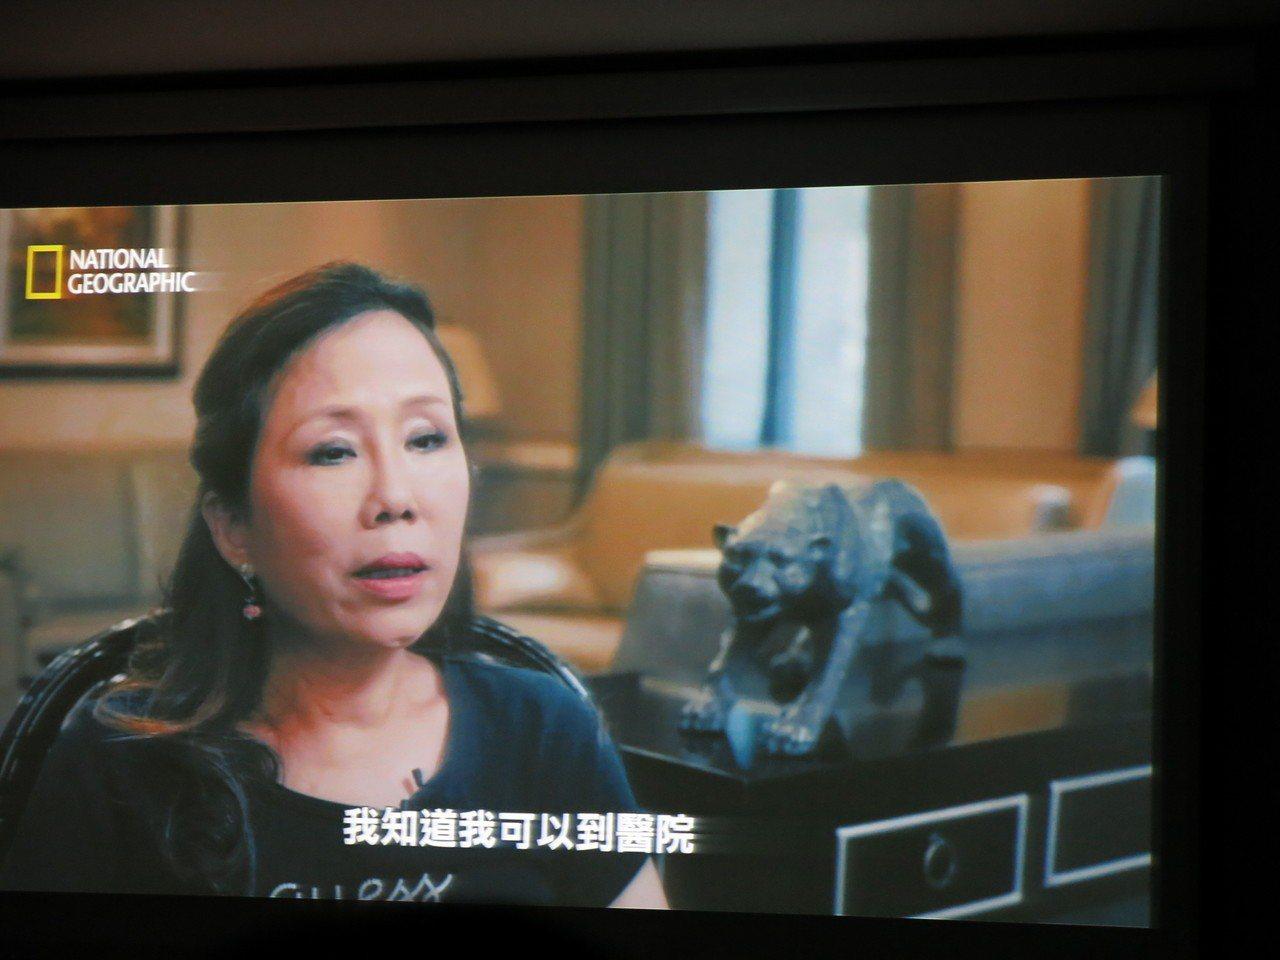 民眾陳霈英在紀錄片中訴說自己被救的感謝。記者黑中亮/翻攝